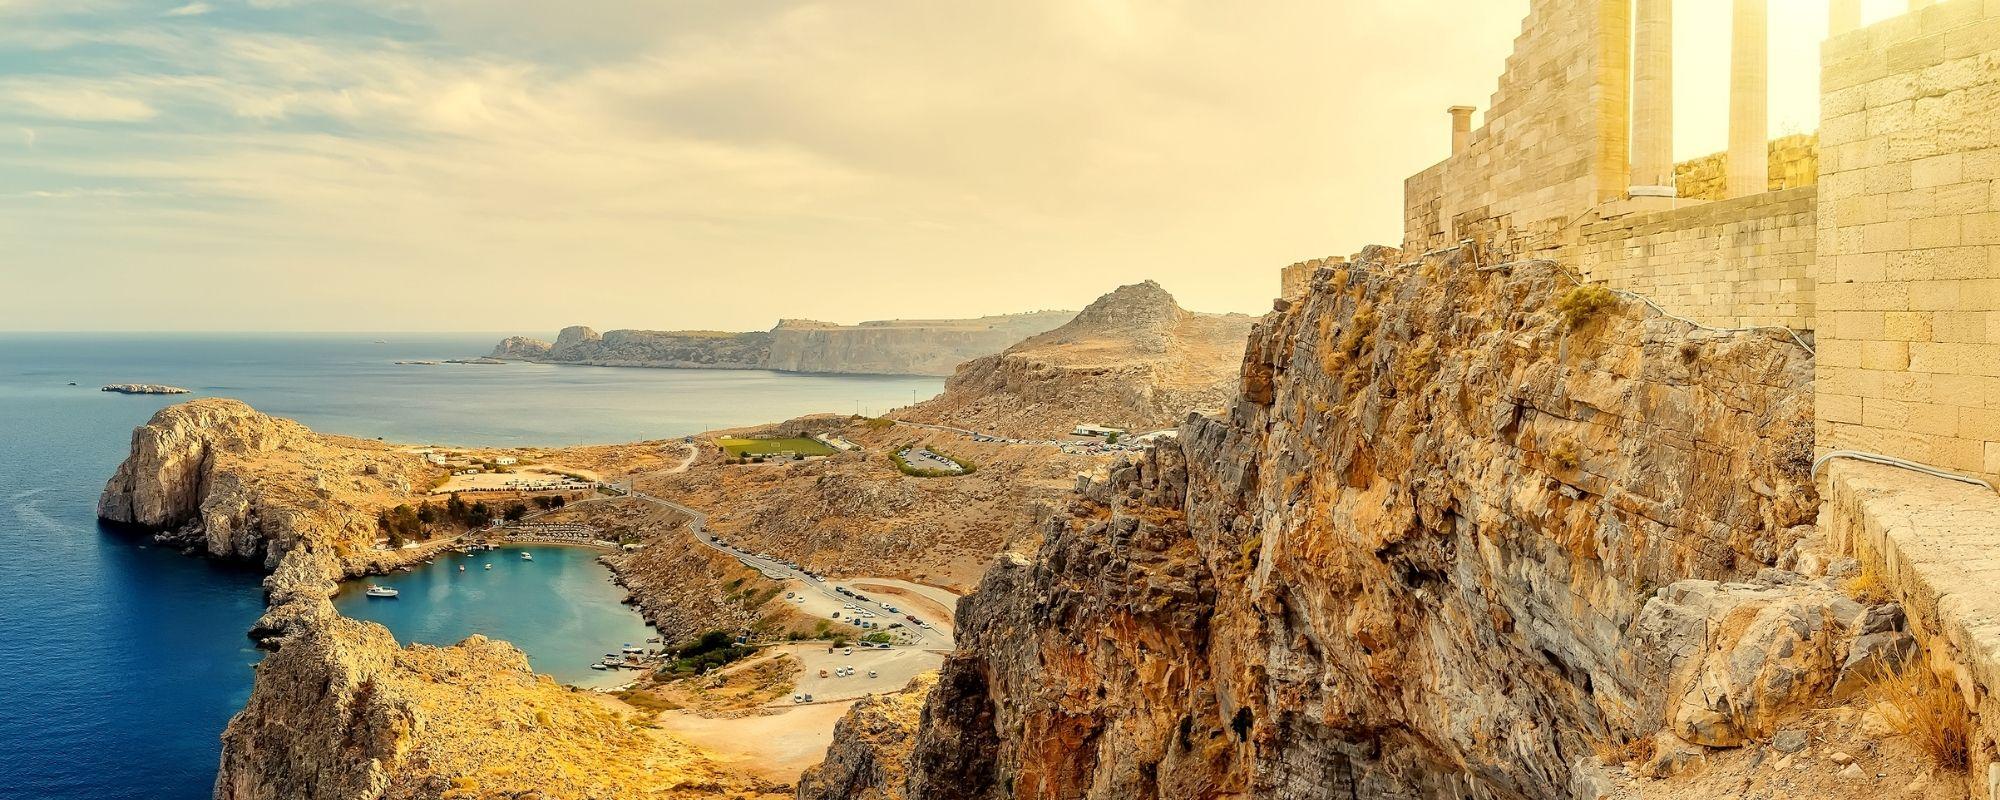 Rodos - otok vitezov in antičnih čudes 8 dni